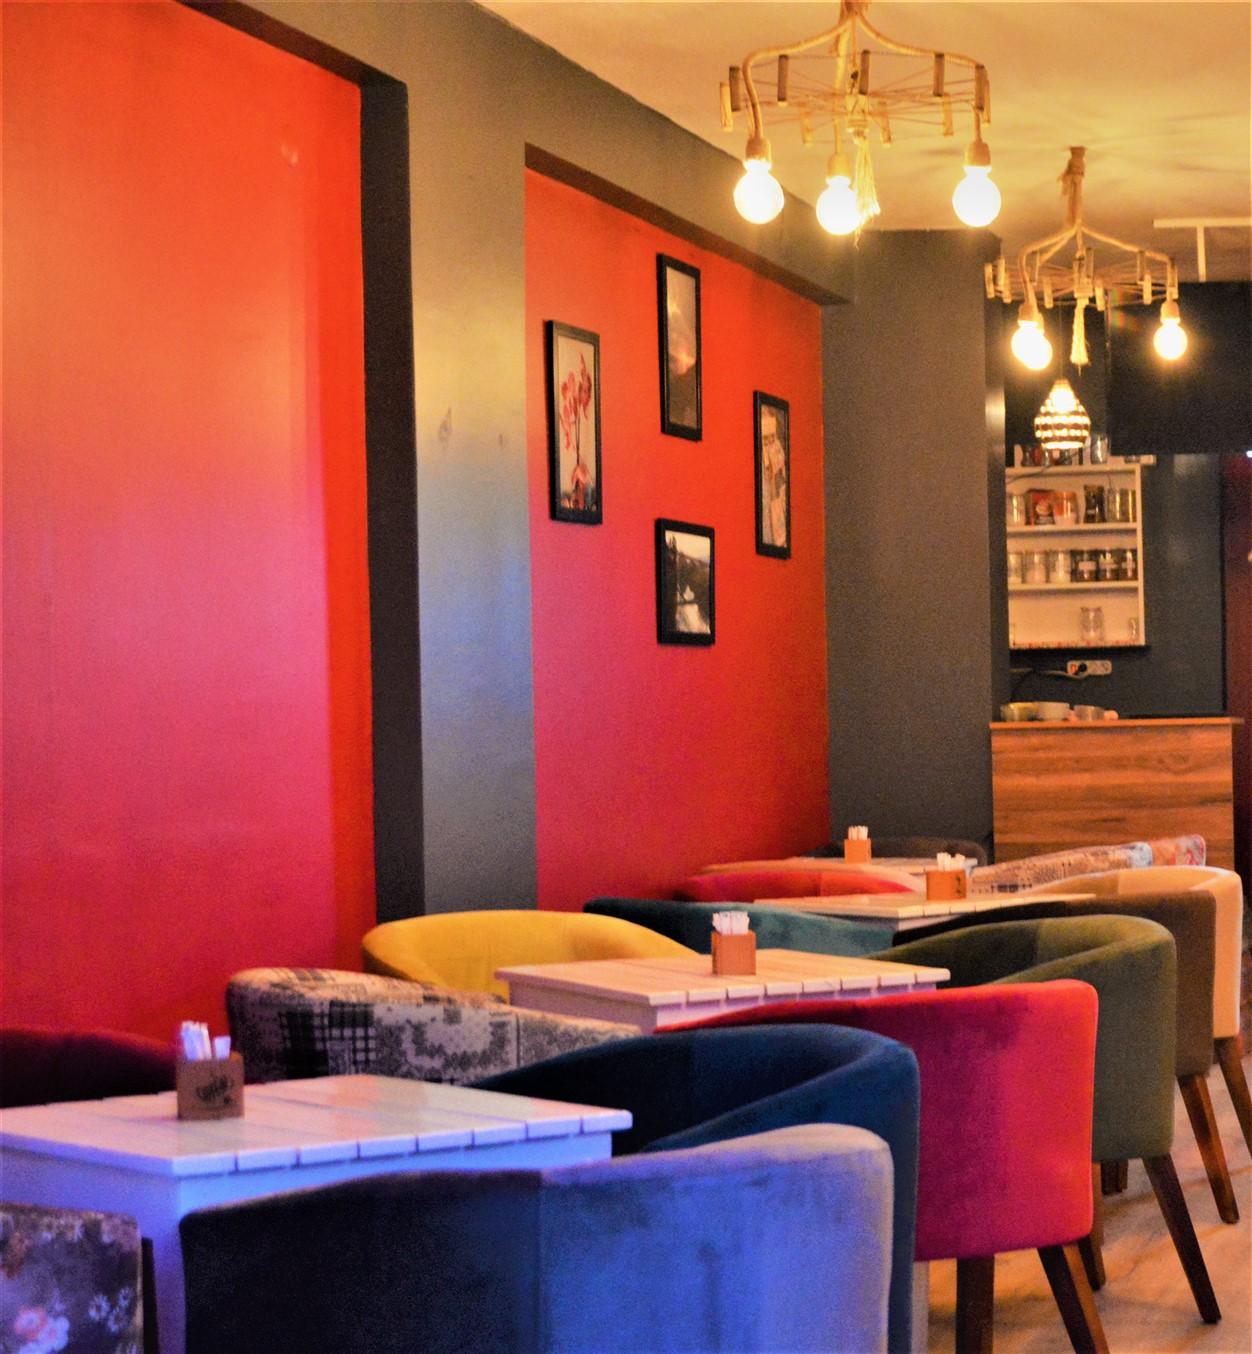 Cafe in (4)